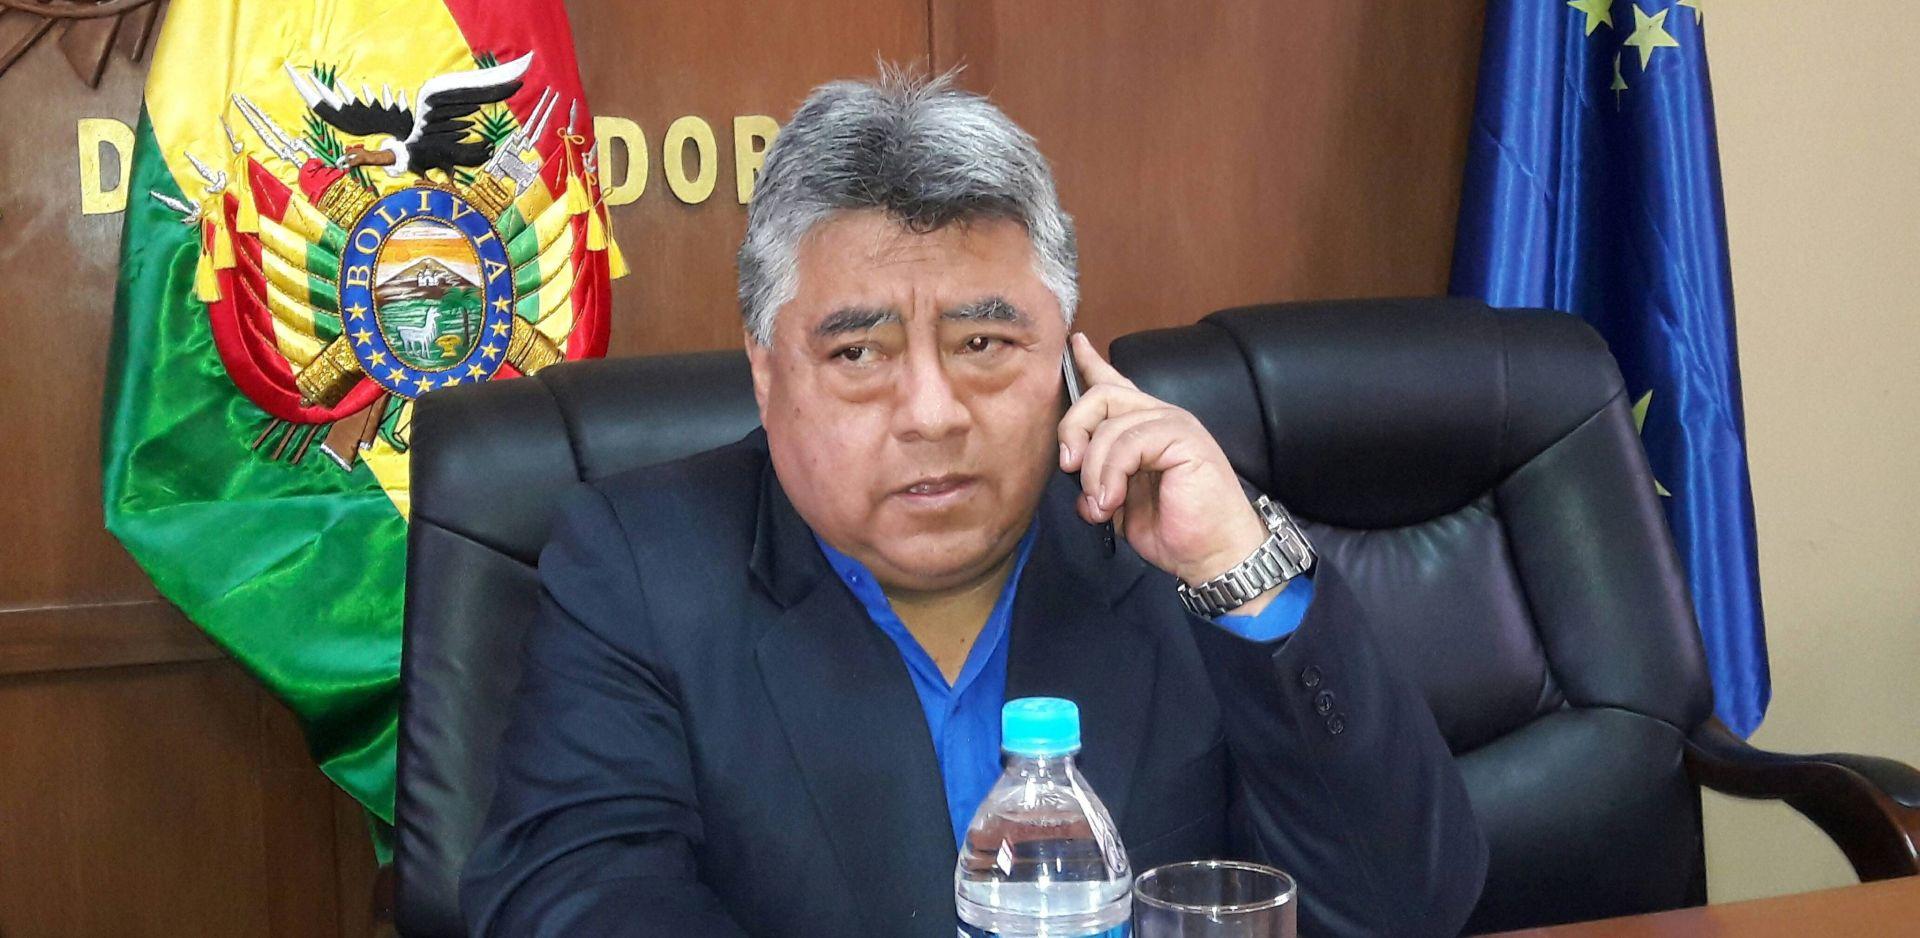 Bolivijskog zamjenika ministra oteli i ubili rudari u štrajku